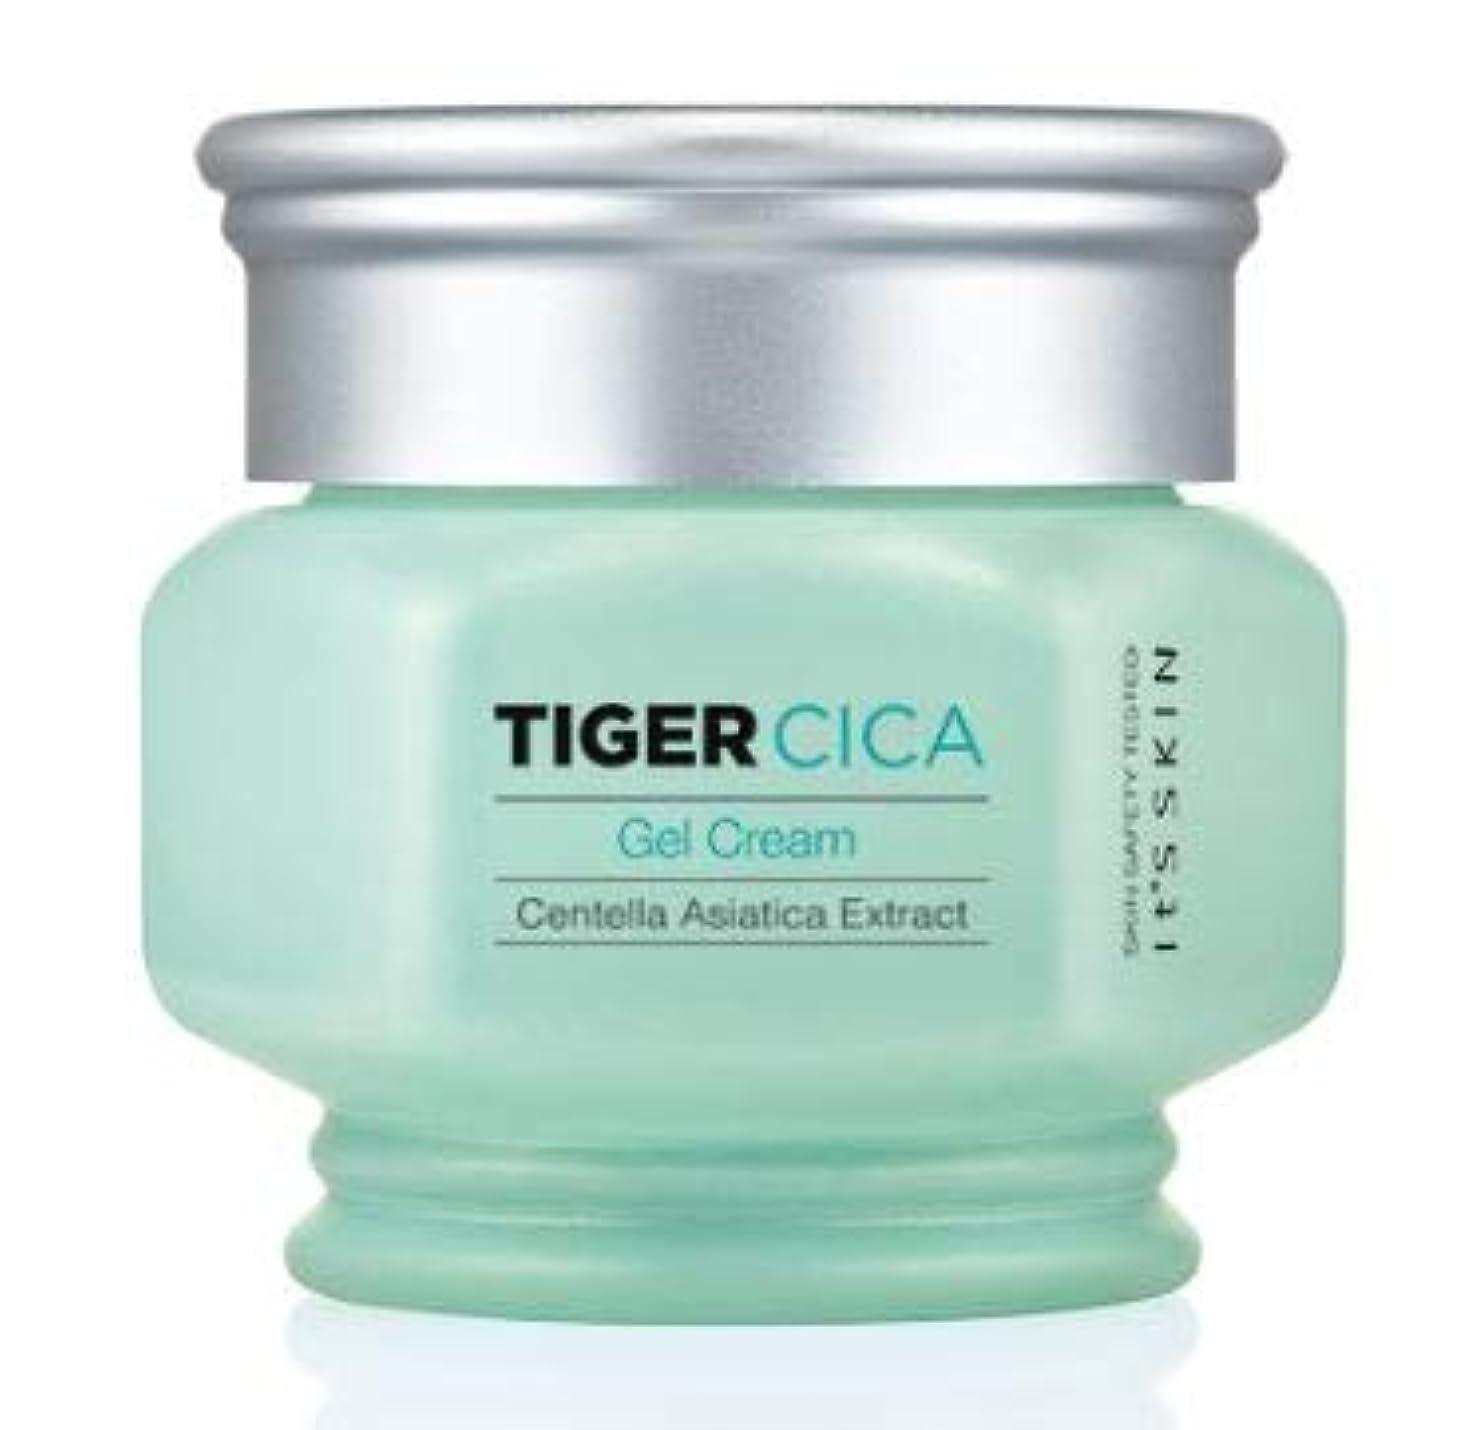 フリル削減髄[It's Skin] Tiger Cica Gel Cream /[イッツスキン] タイガーシカ ジェル クリーム [並行輸入品]